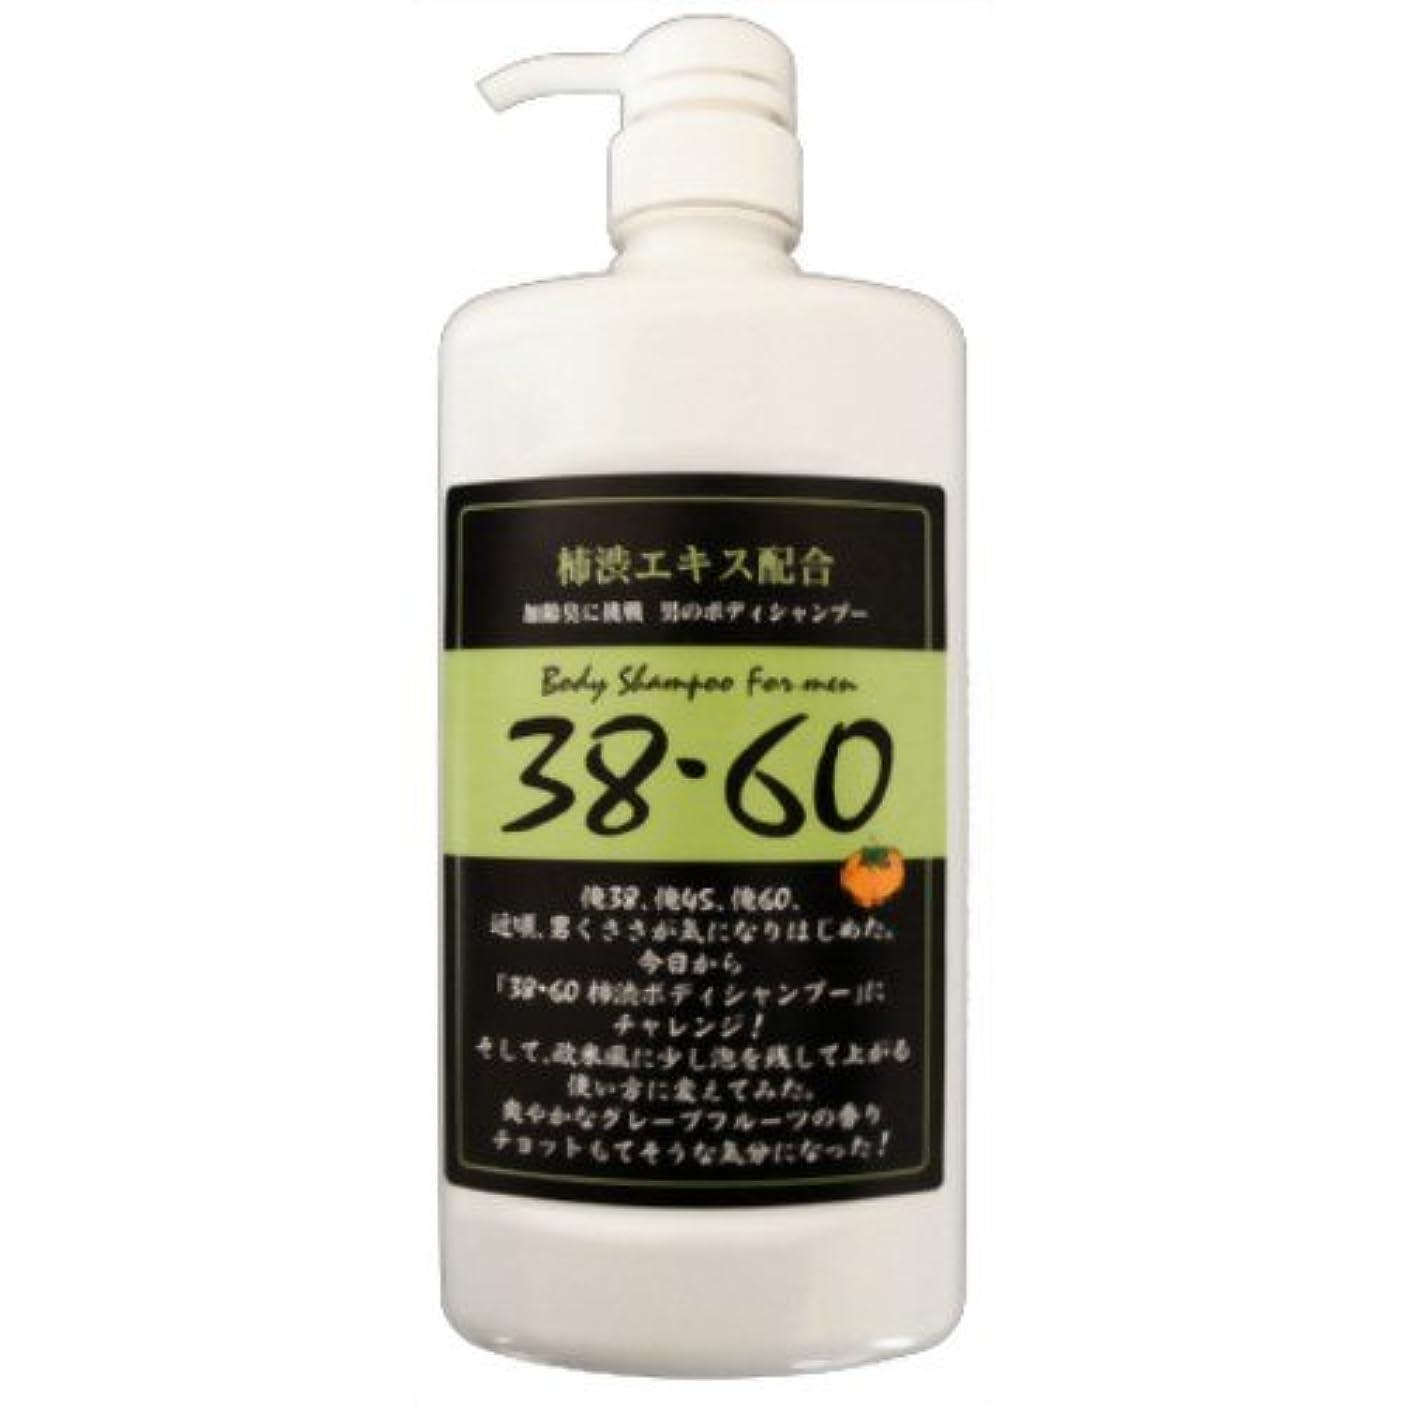 雑品勝者ターゲット38?60柿渋ボディシャンプー詰替1500ml